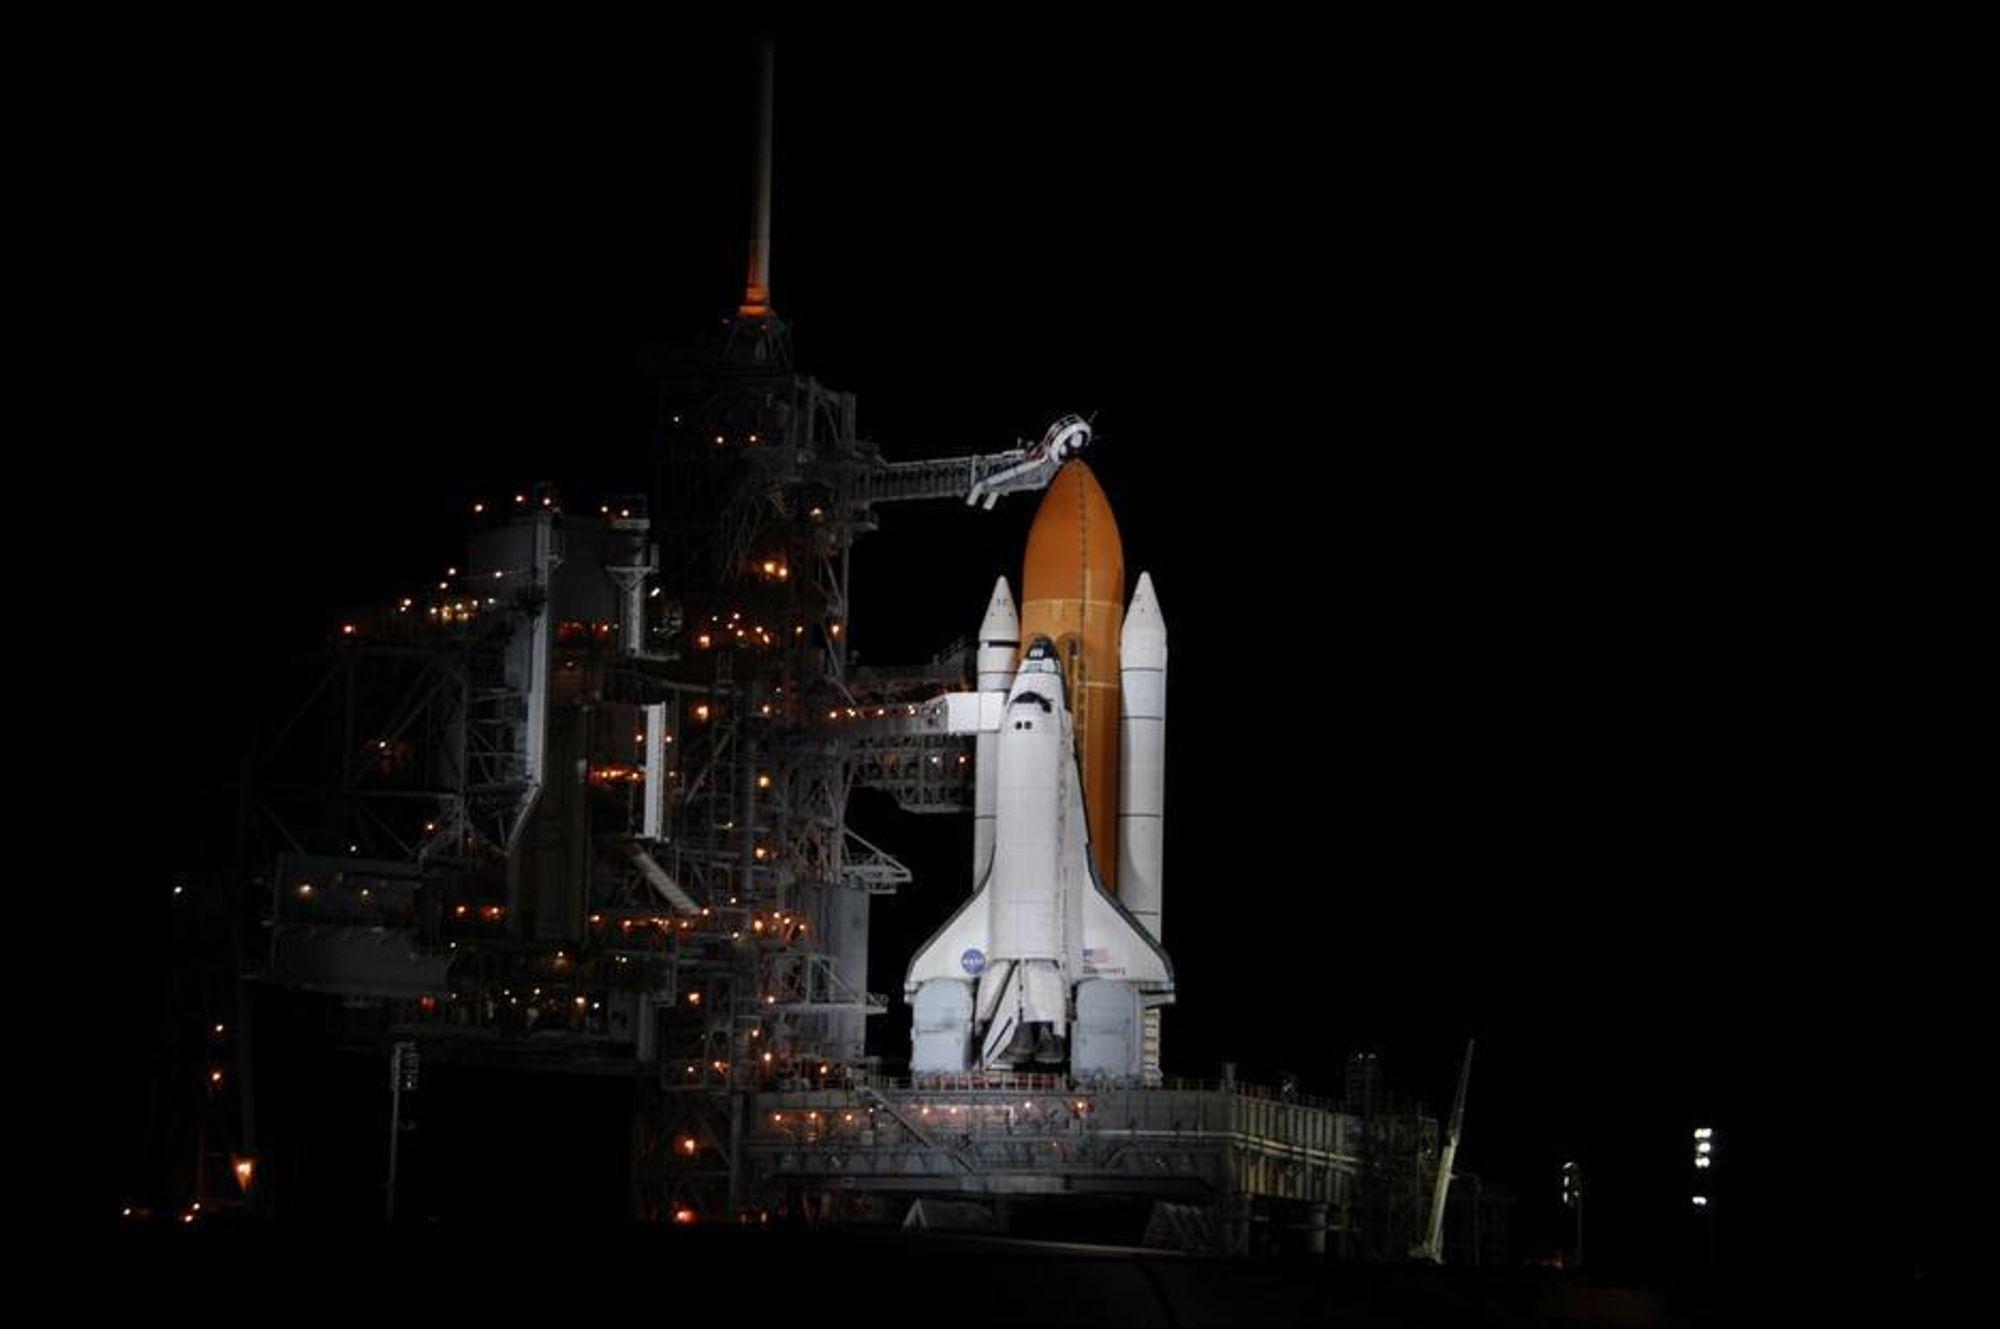 KLAR: Discovery sto klar på oppskytingsrampe 39B, med astronautene ombord, men til slutt var det været som vant - og astronautene måtte gå ut igjen.